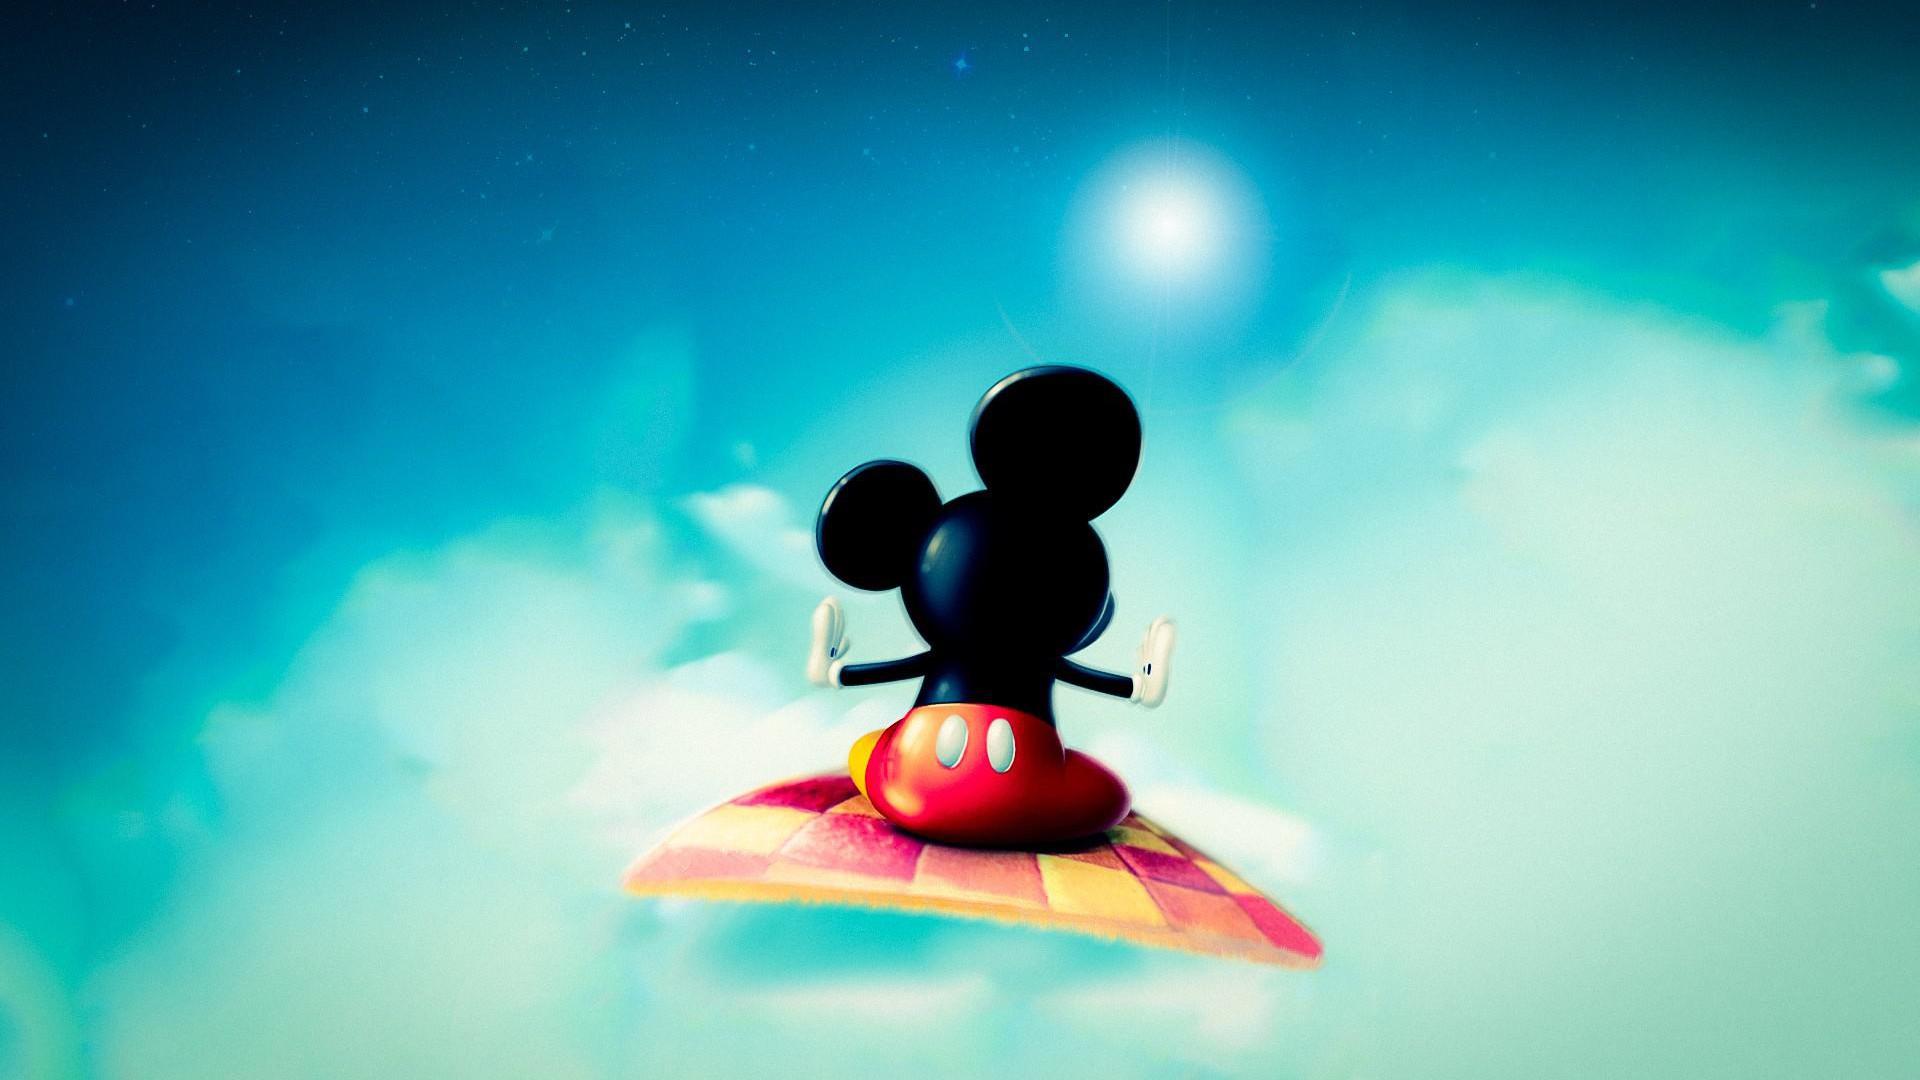 Free Download Fonds Dcran Mikey Souris Disney Ciel Tapis